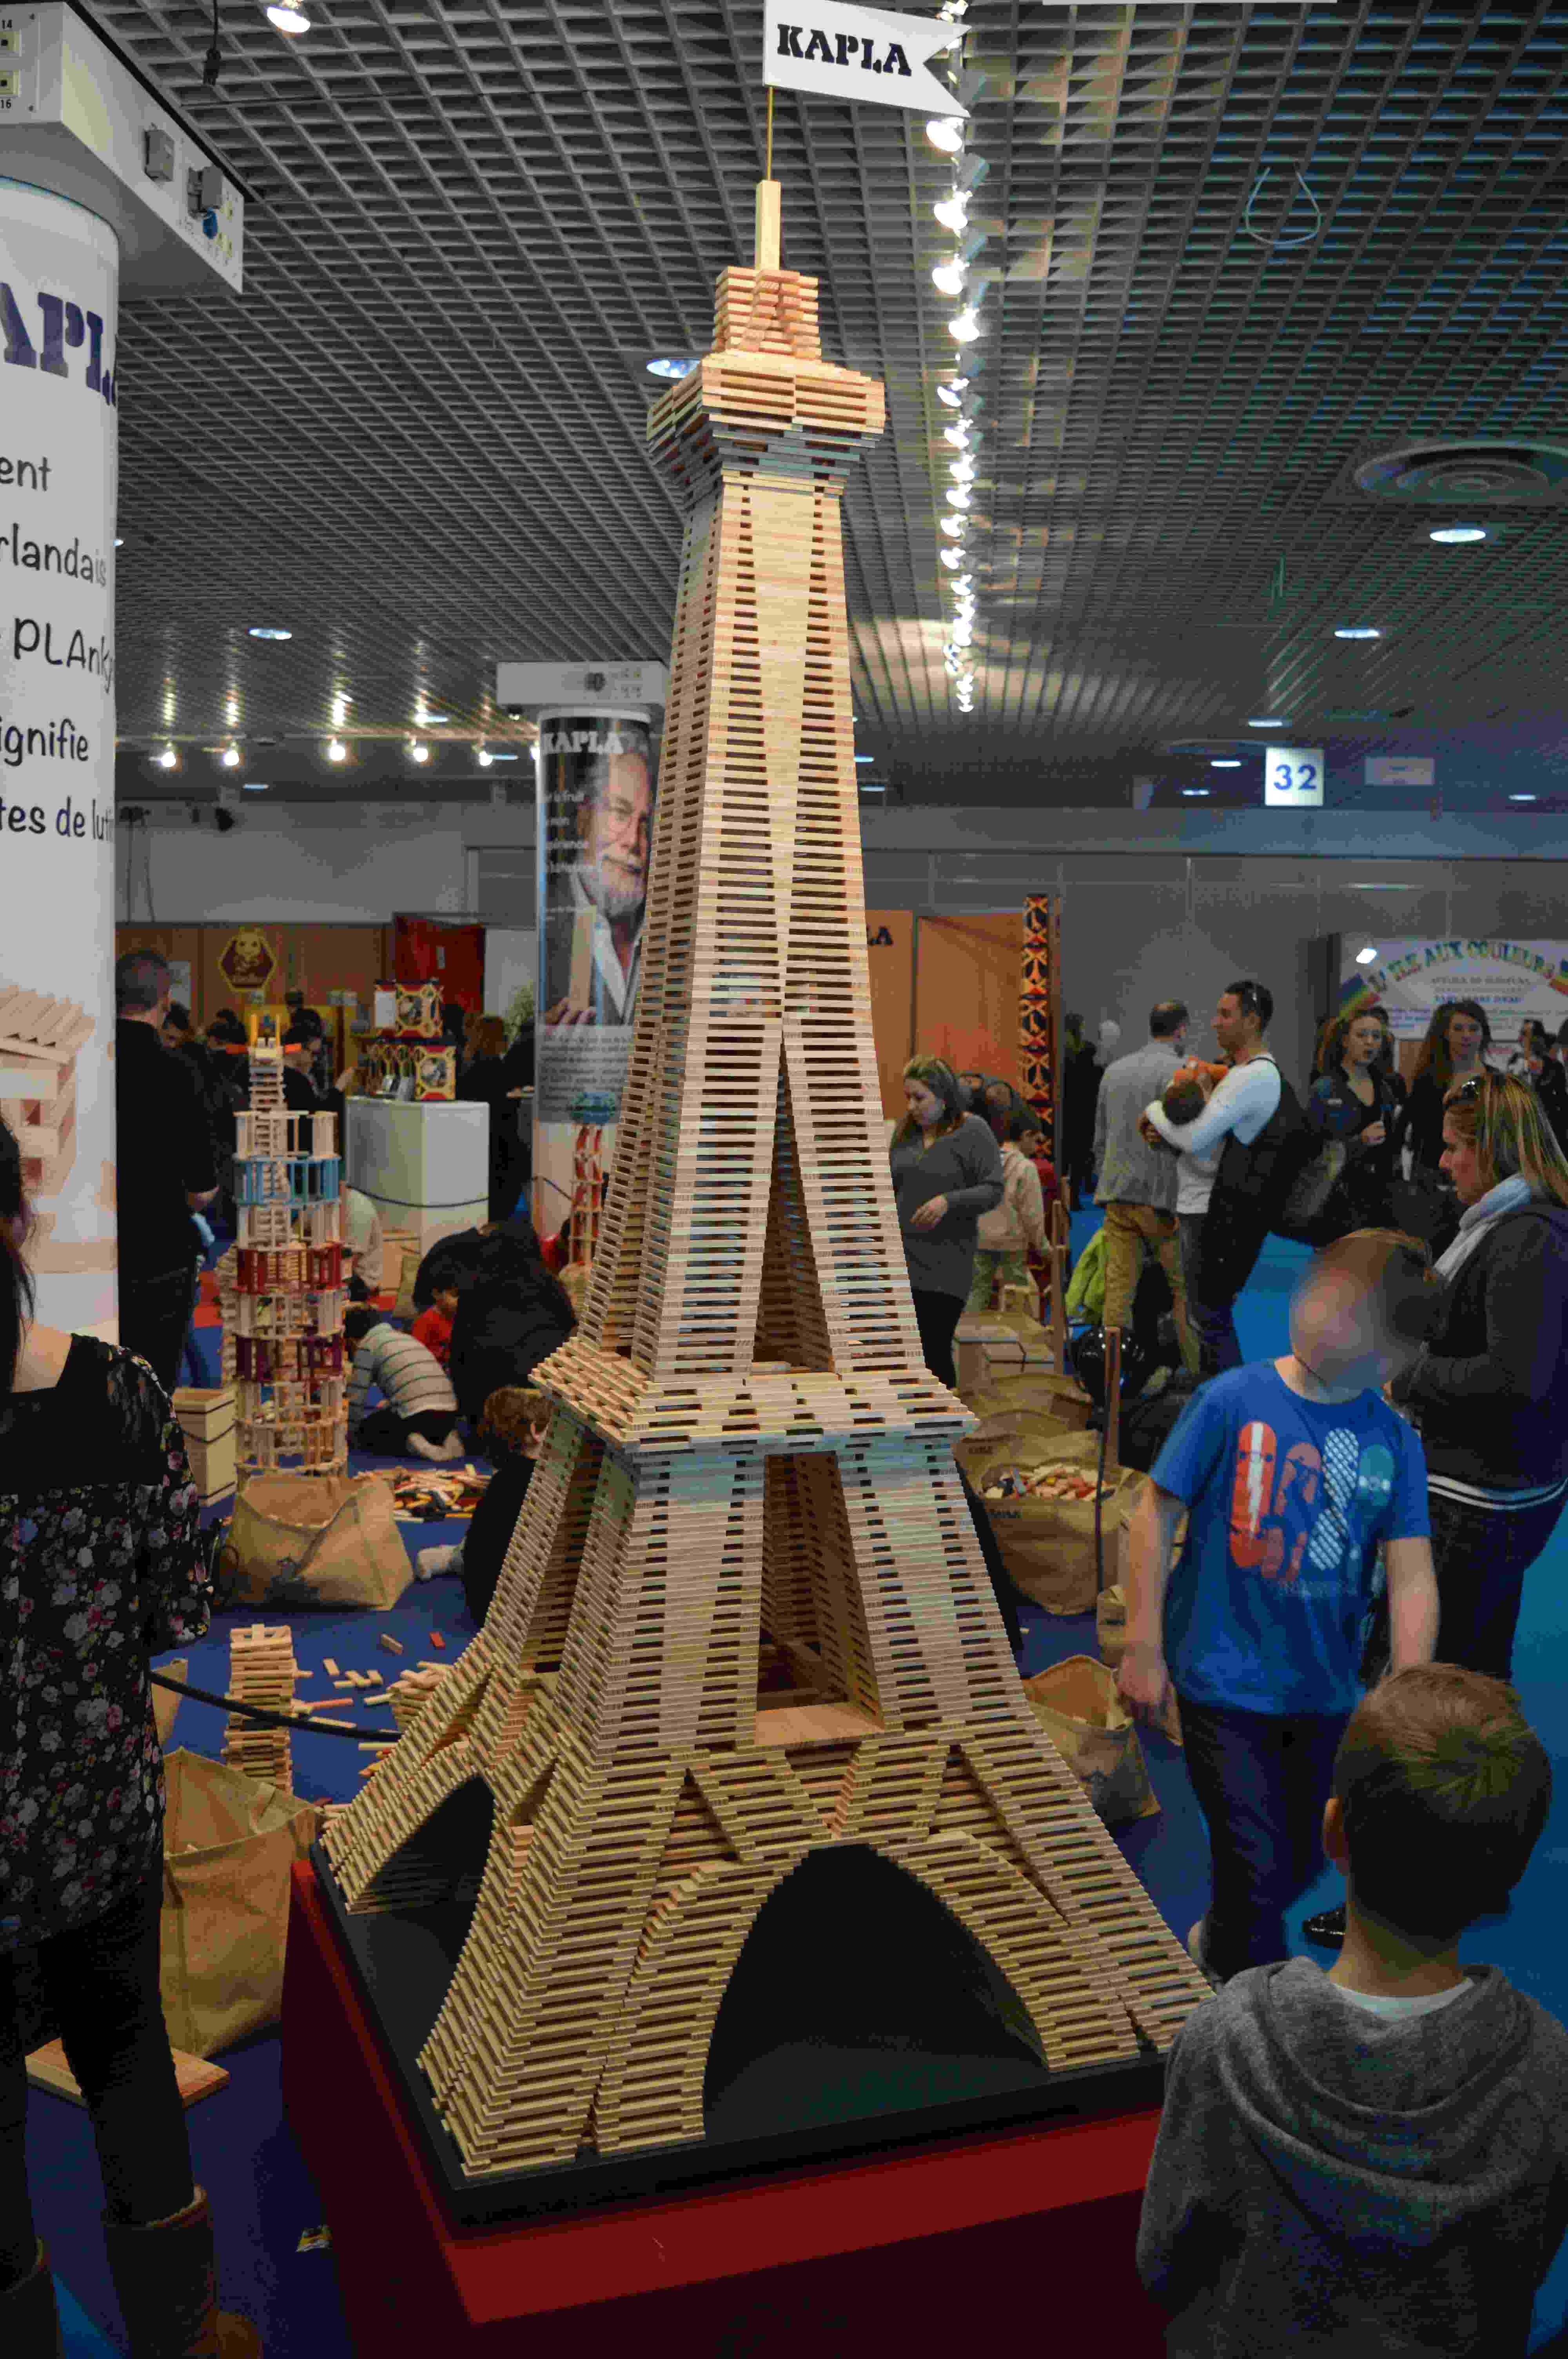 Le palais des festivals une salle de jeux g ante buzzles for Construire une maison en kapla